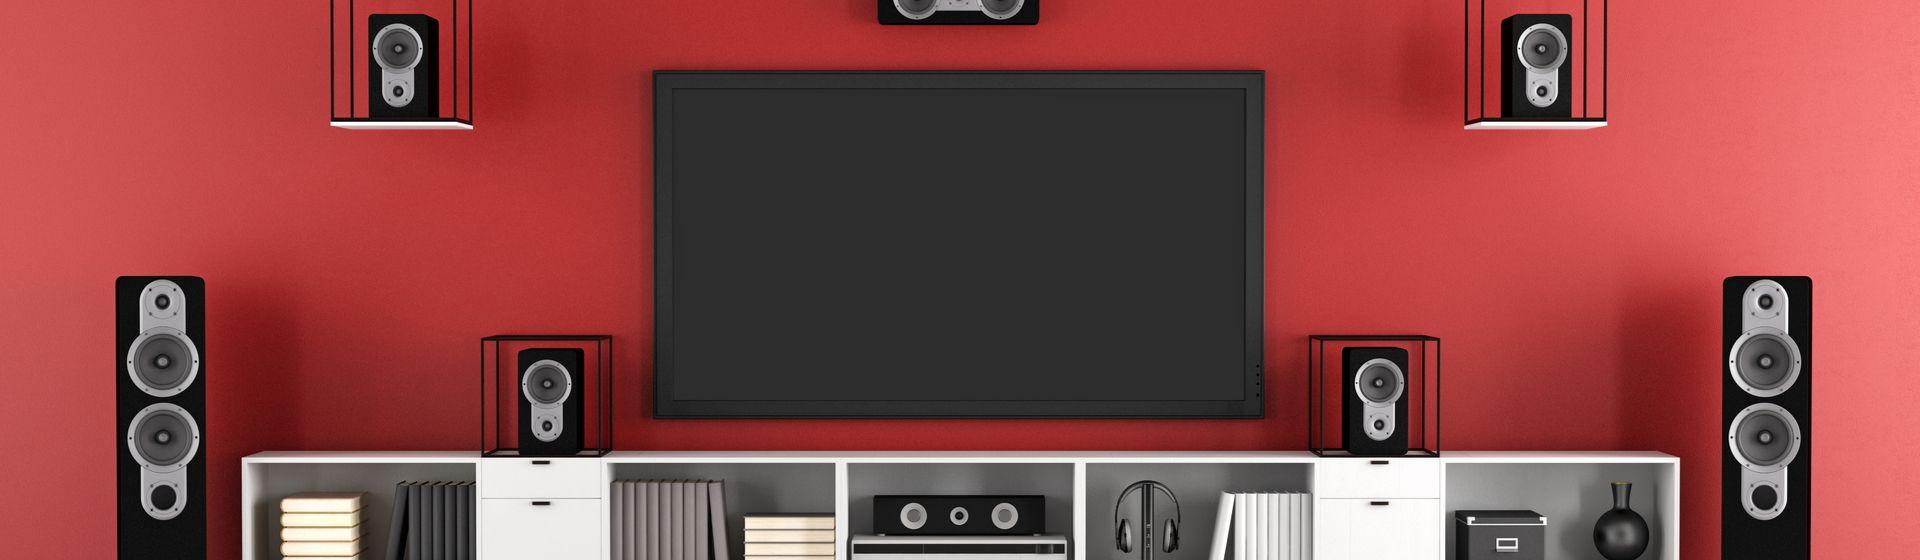 Home theater JBL: veja 4 opções para a sua sala